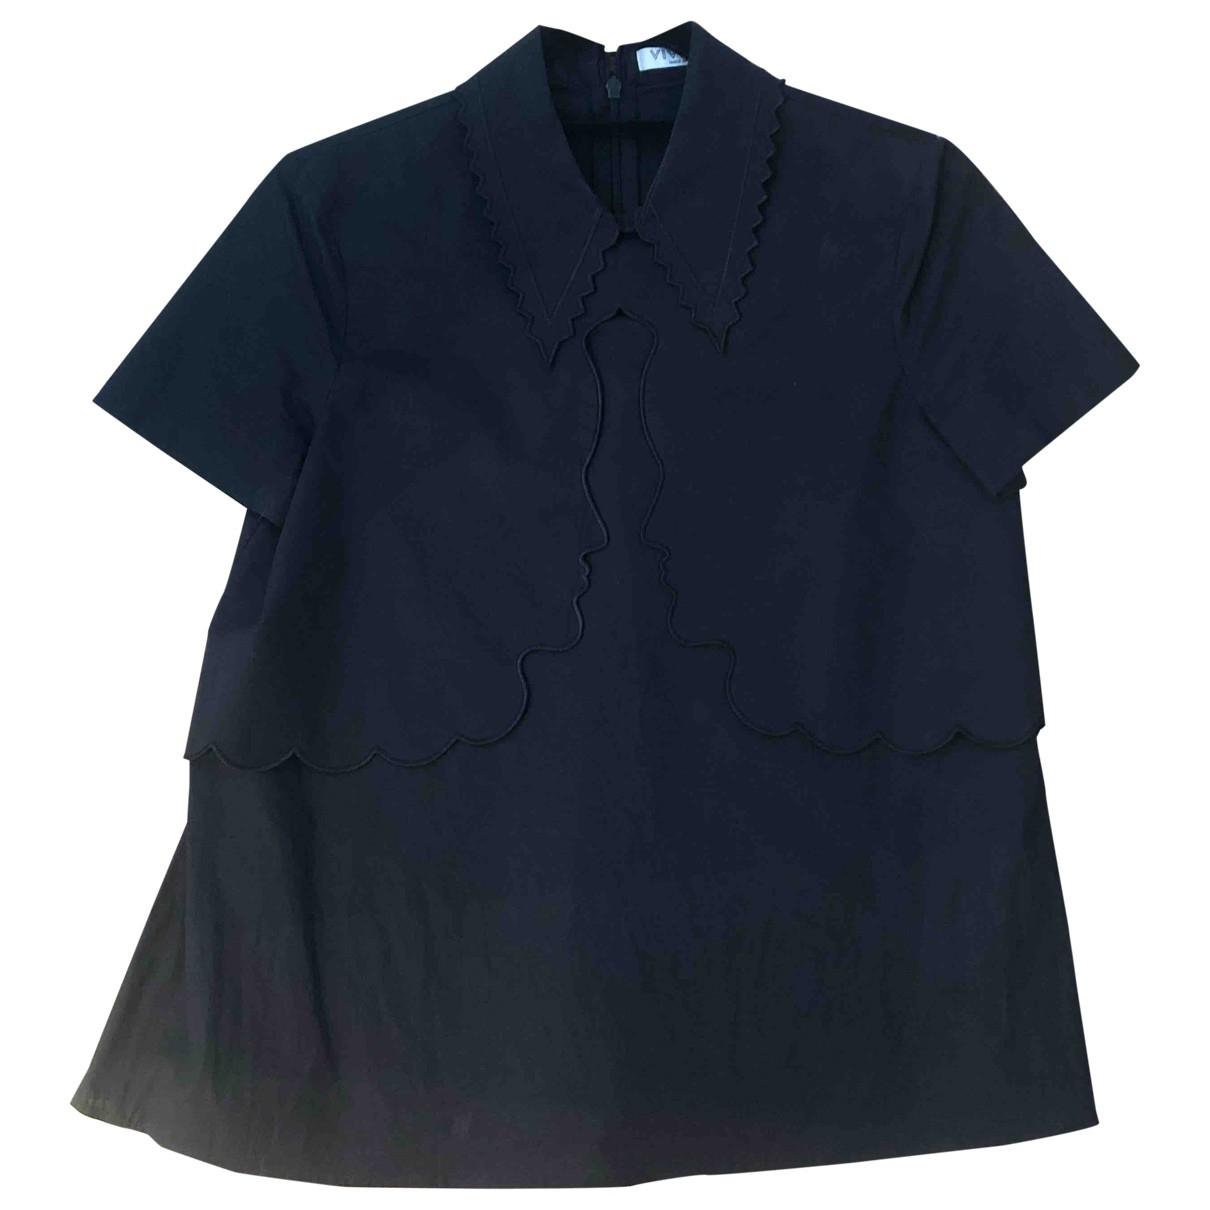 Vivetta \N Black Cotton  top for Women 40 FR